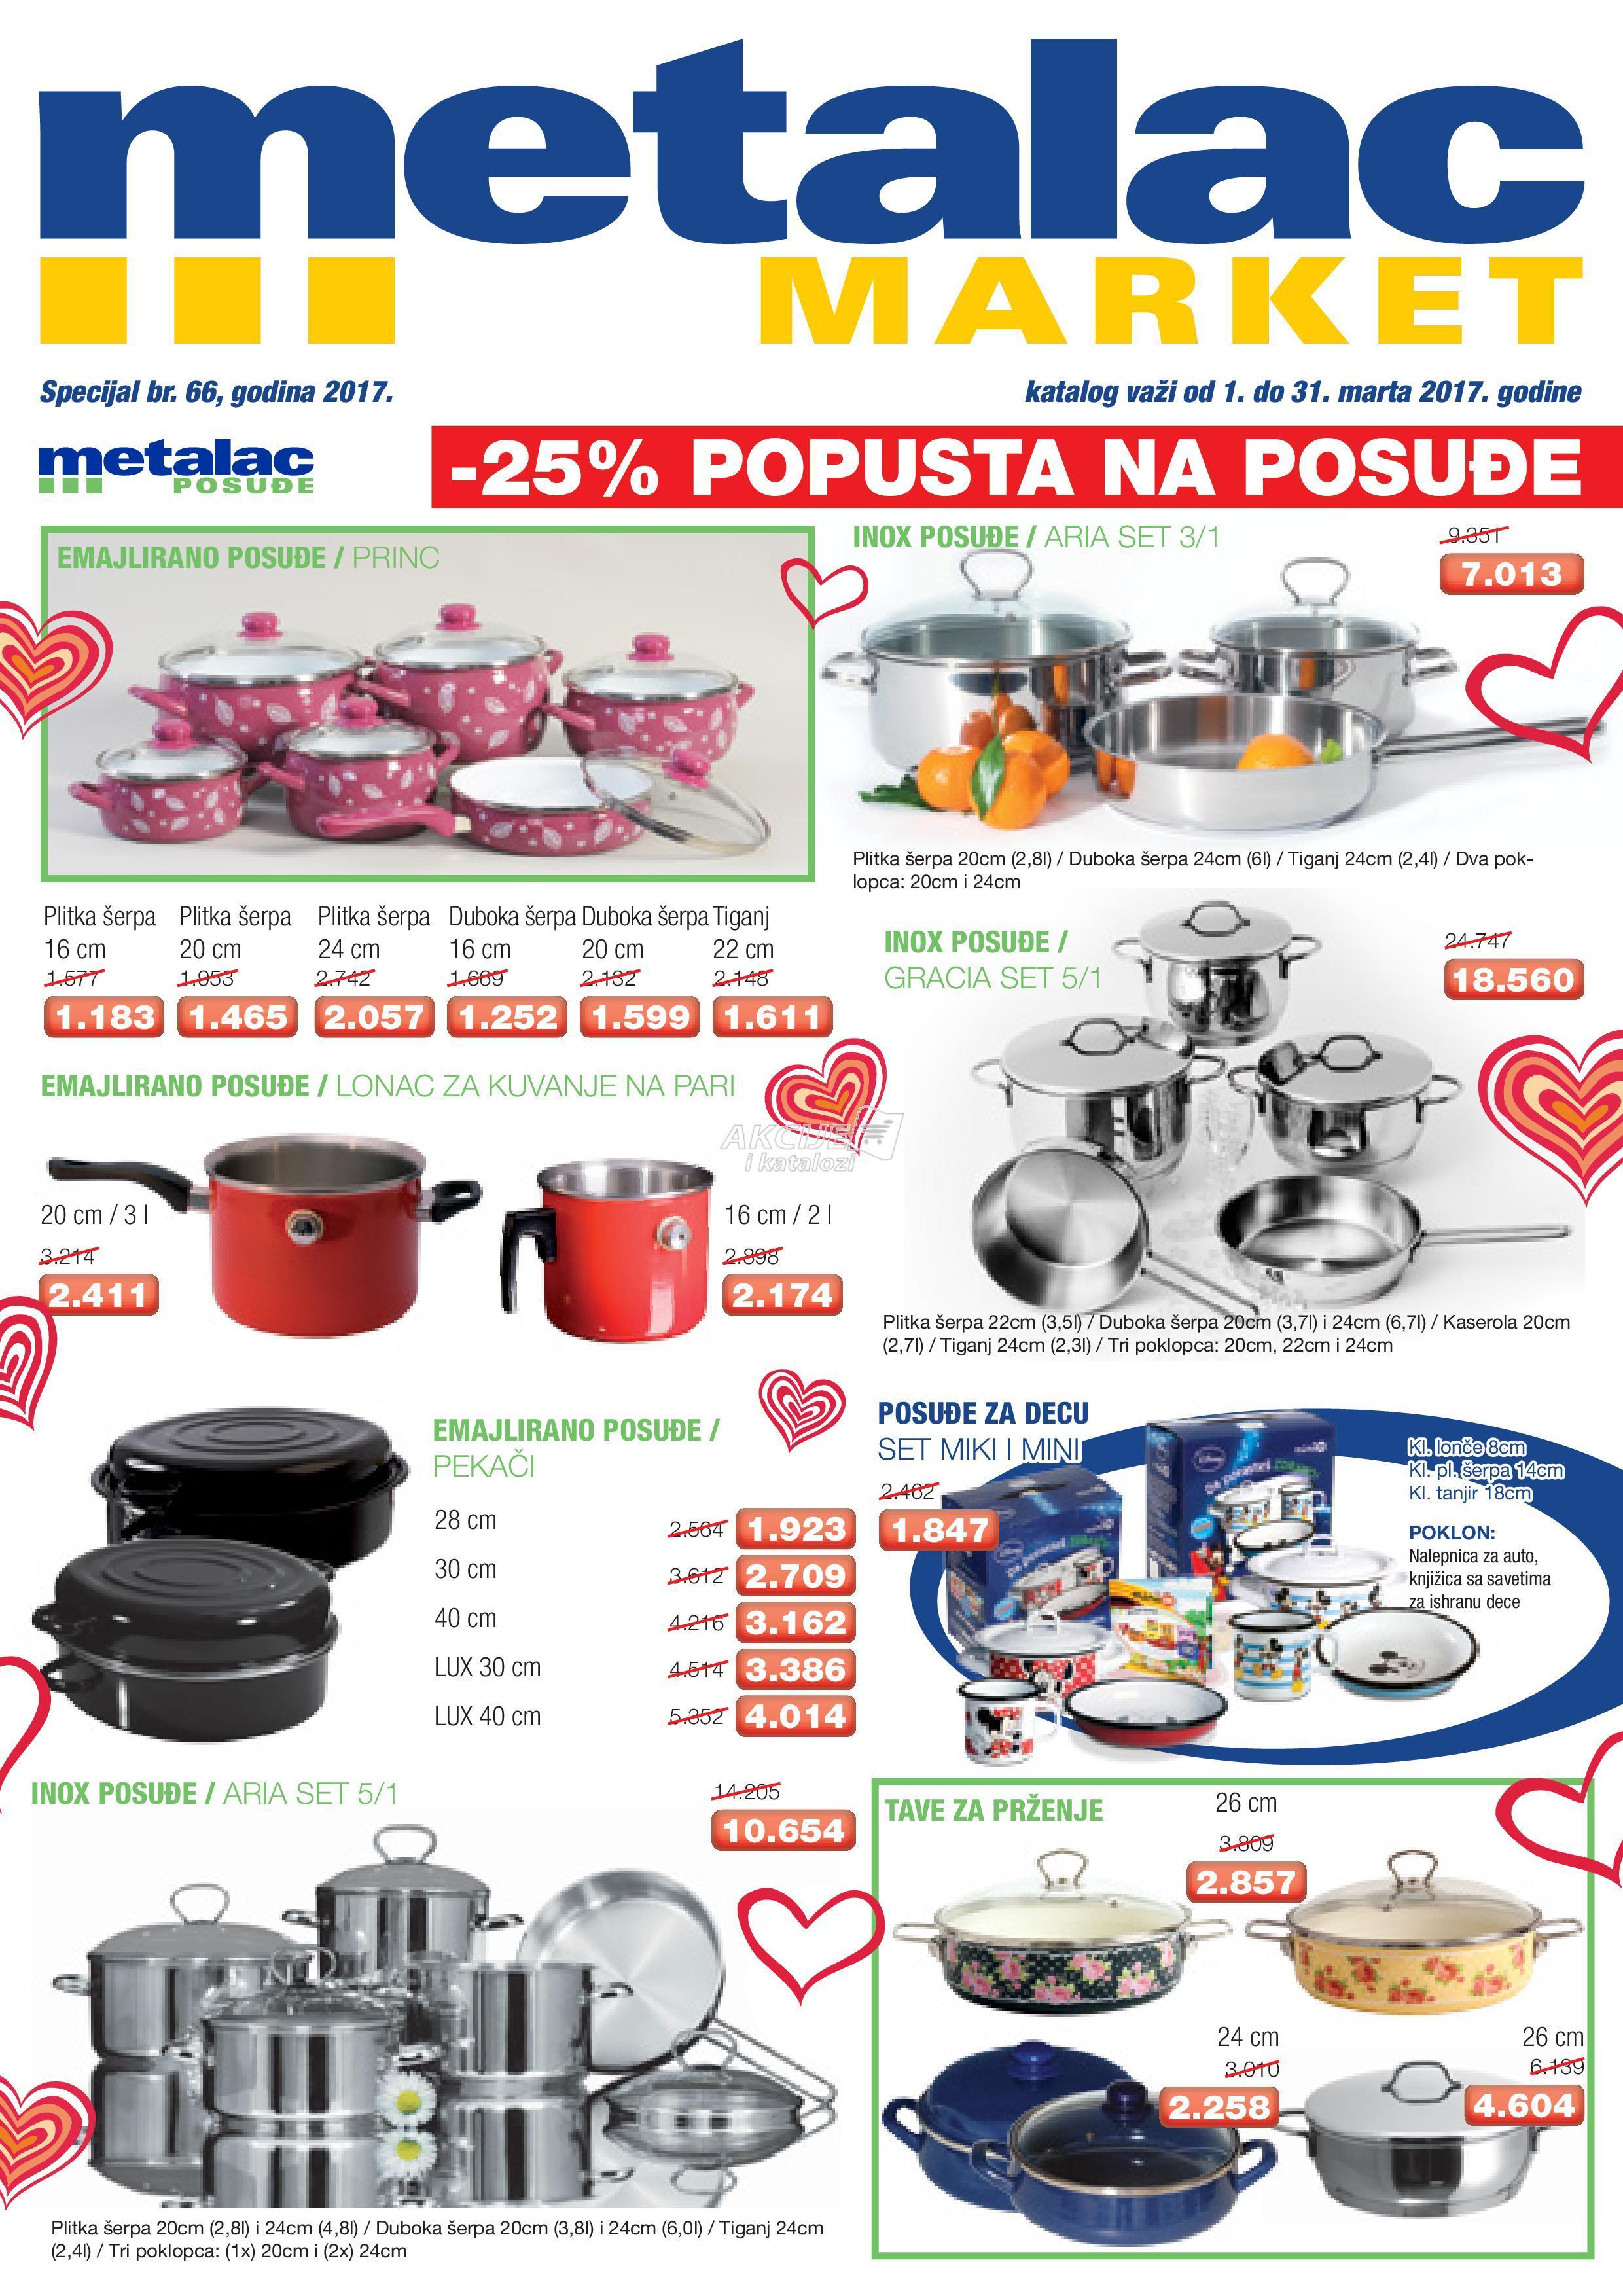 Metalac - Redovna akcija super kupovine